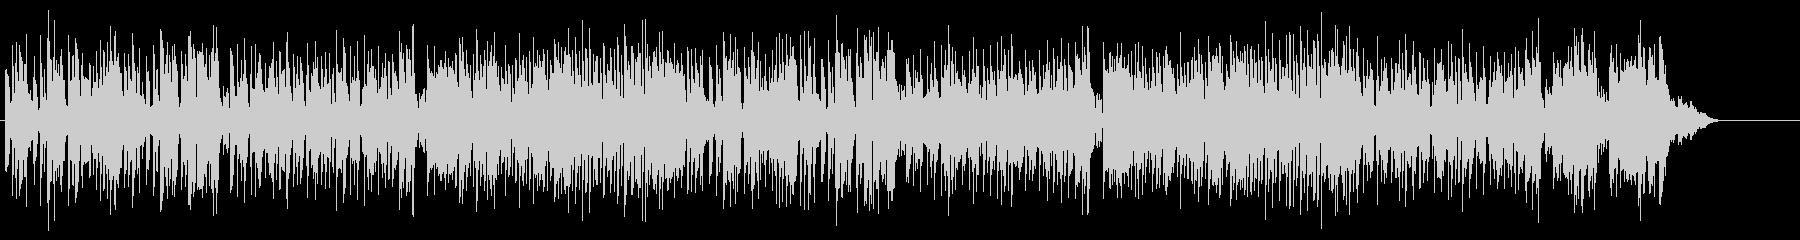 イージーリスニングのギター・フュージョンの未再生の波形